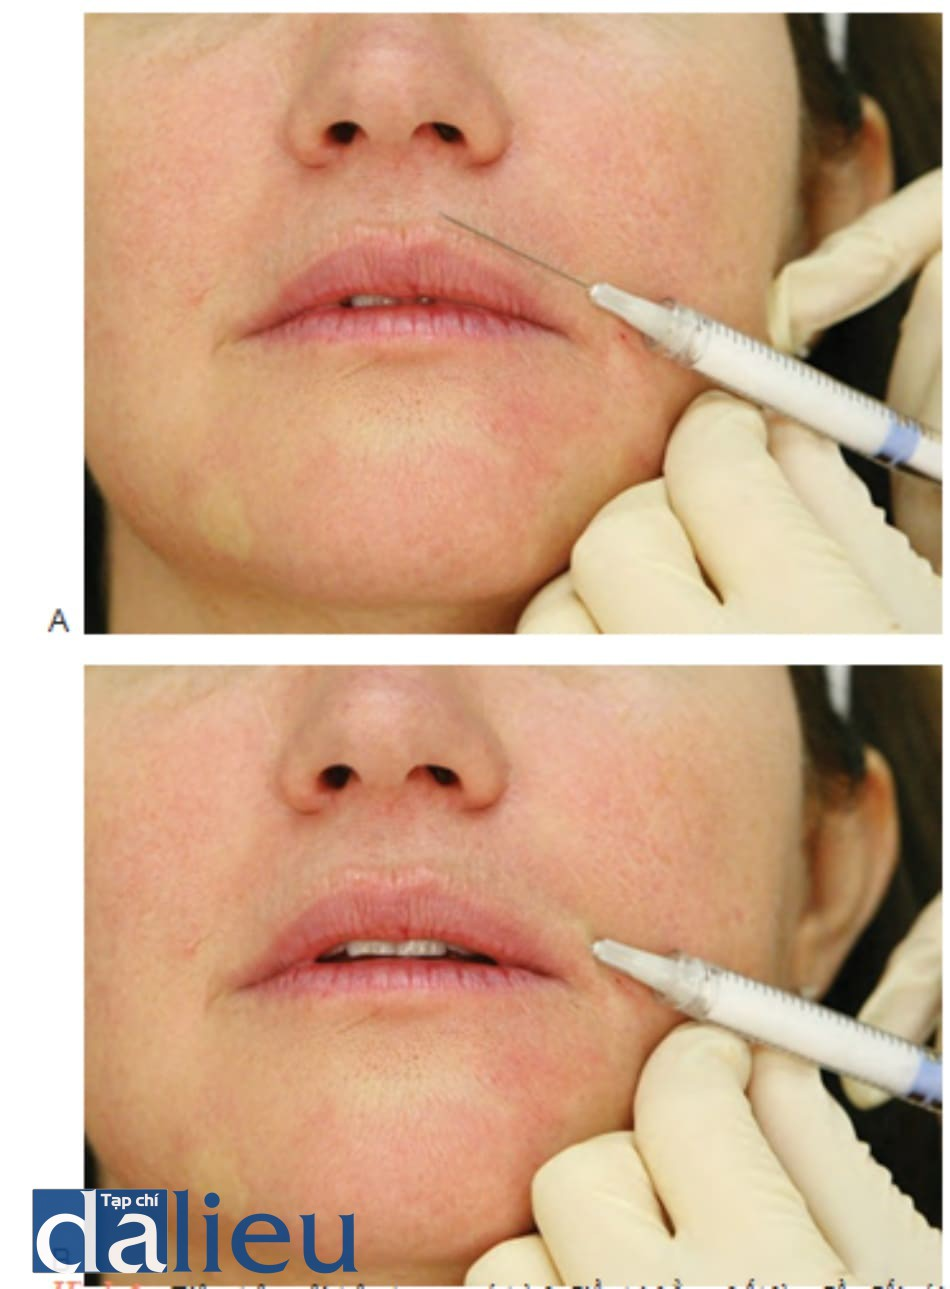 Hình 4 ● Tiêm trên môi trên trong quá trình điều trị bằng chất làm đầy đối với các rãnh môi: xác định điểm đưa mũi kim vào (A) và kĩ thuật tiêm (B)